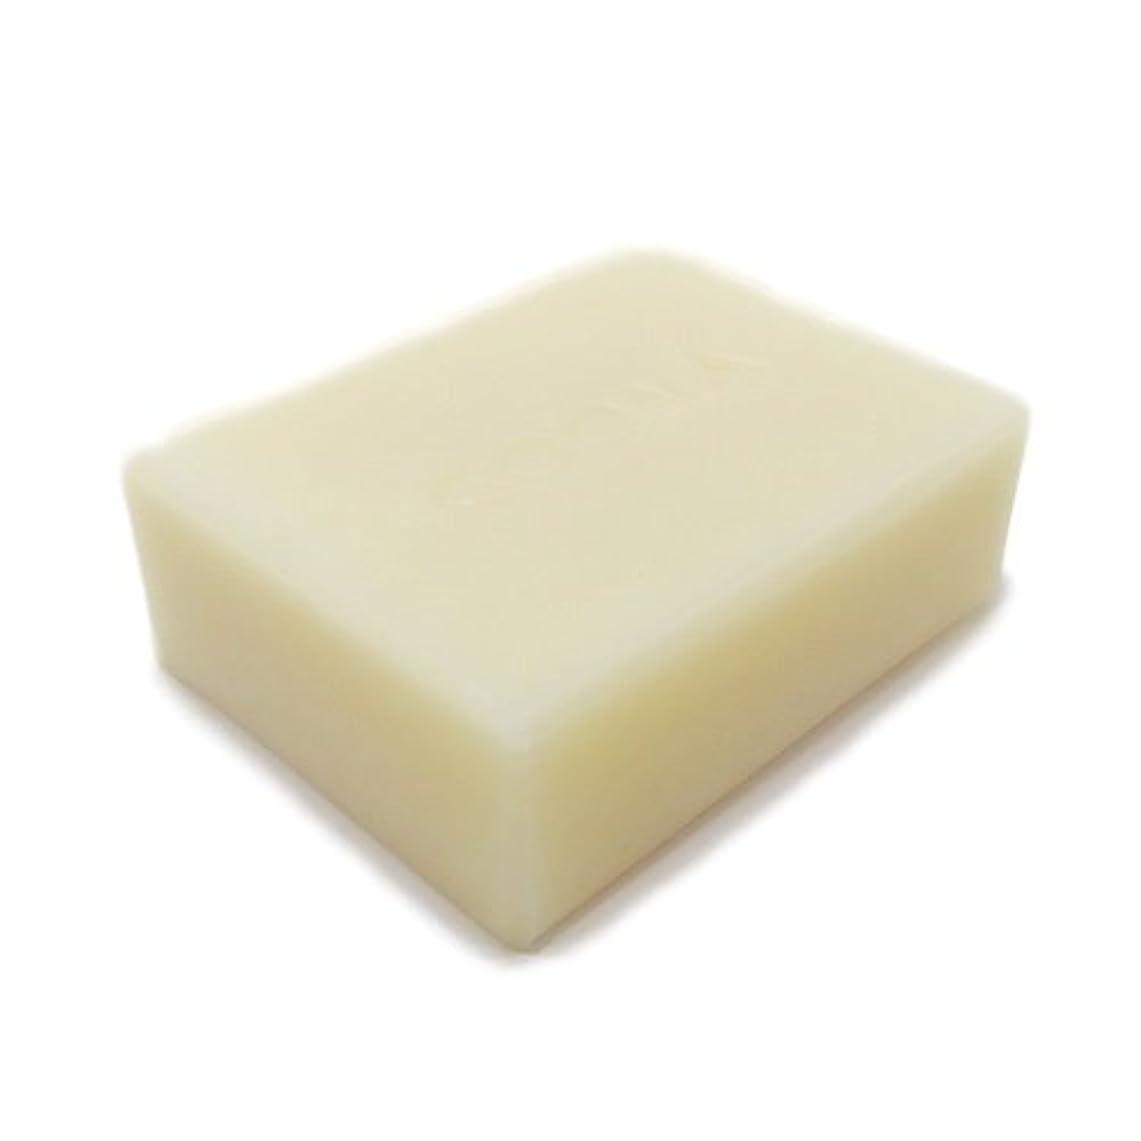 医学高いケニア浴用石鹸 COONA和の香り石けん ゆず (天然素材 自然派 コールドプロセス 手作り せっけん) 80g